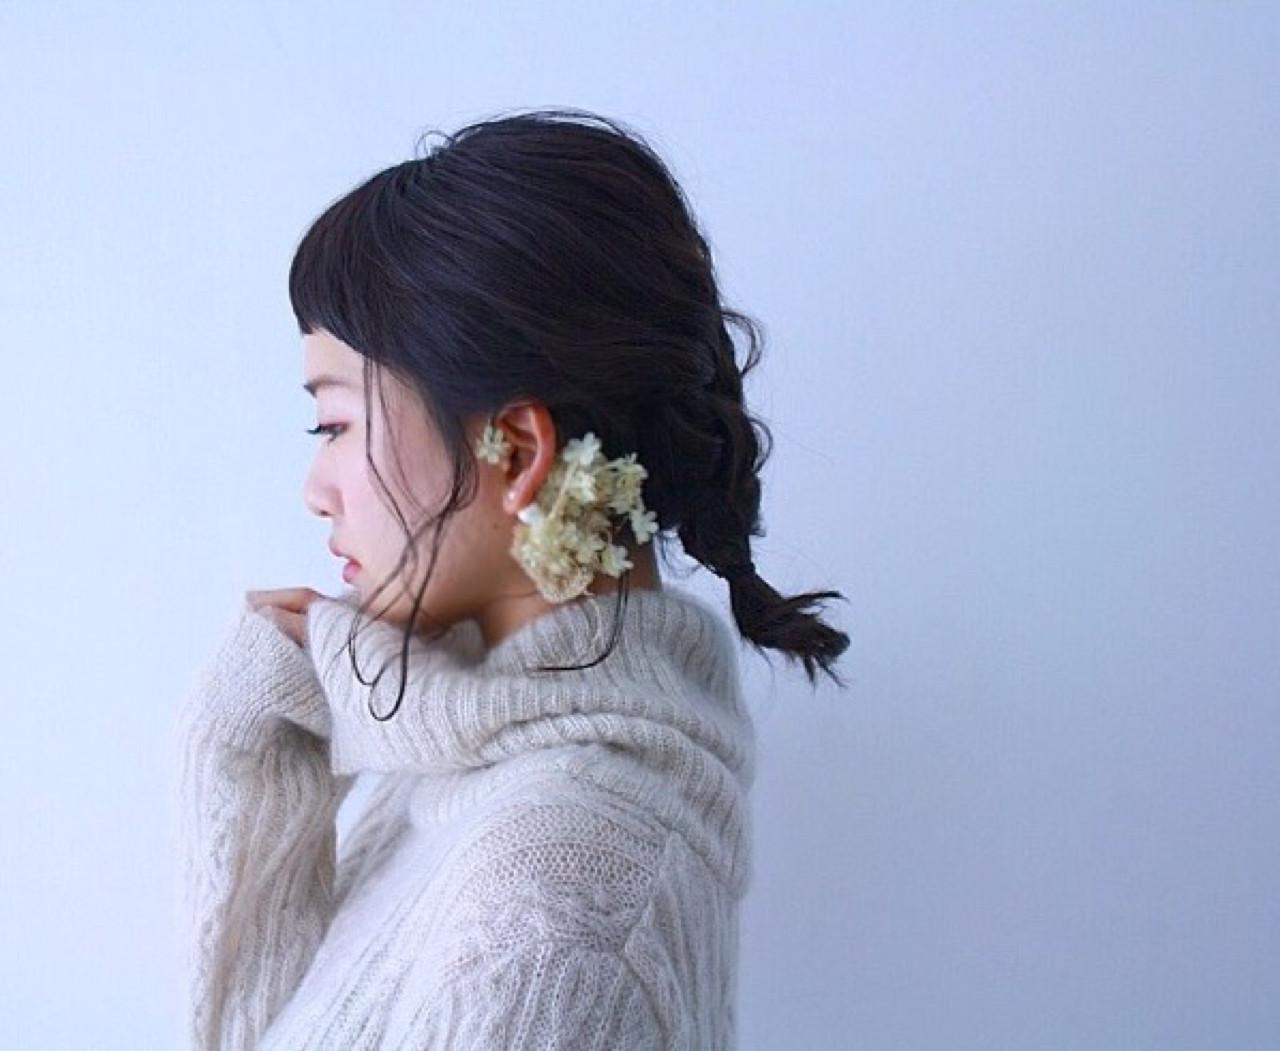 黒髪をもっとおしゃれに!オン眉バングで作るトレンドヘア特集のサムネイル画像